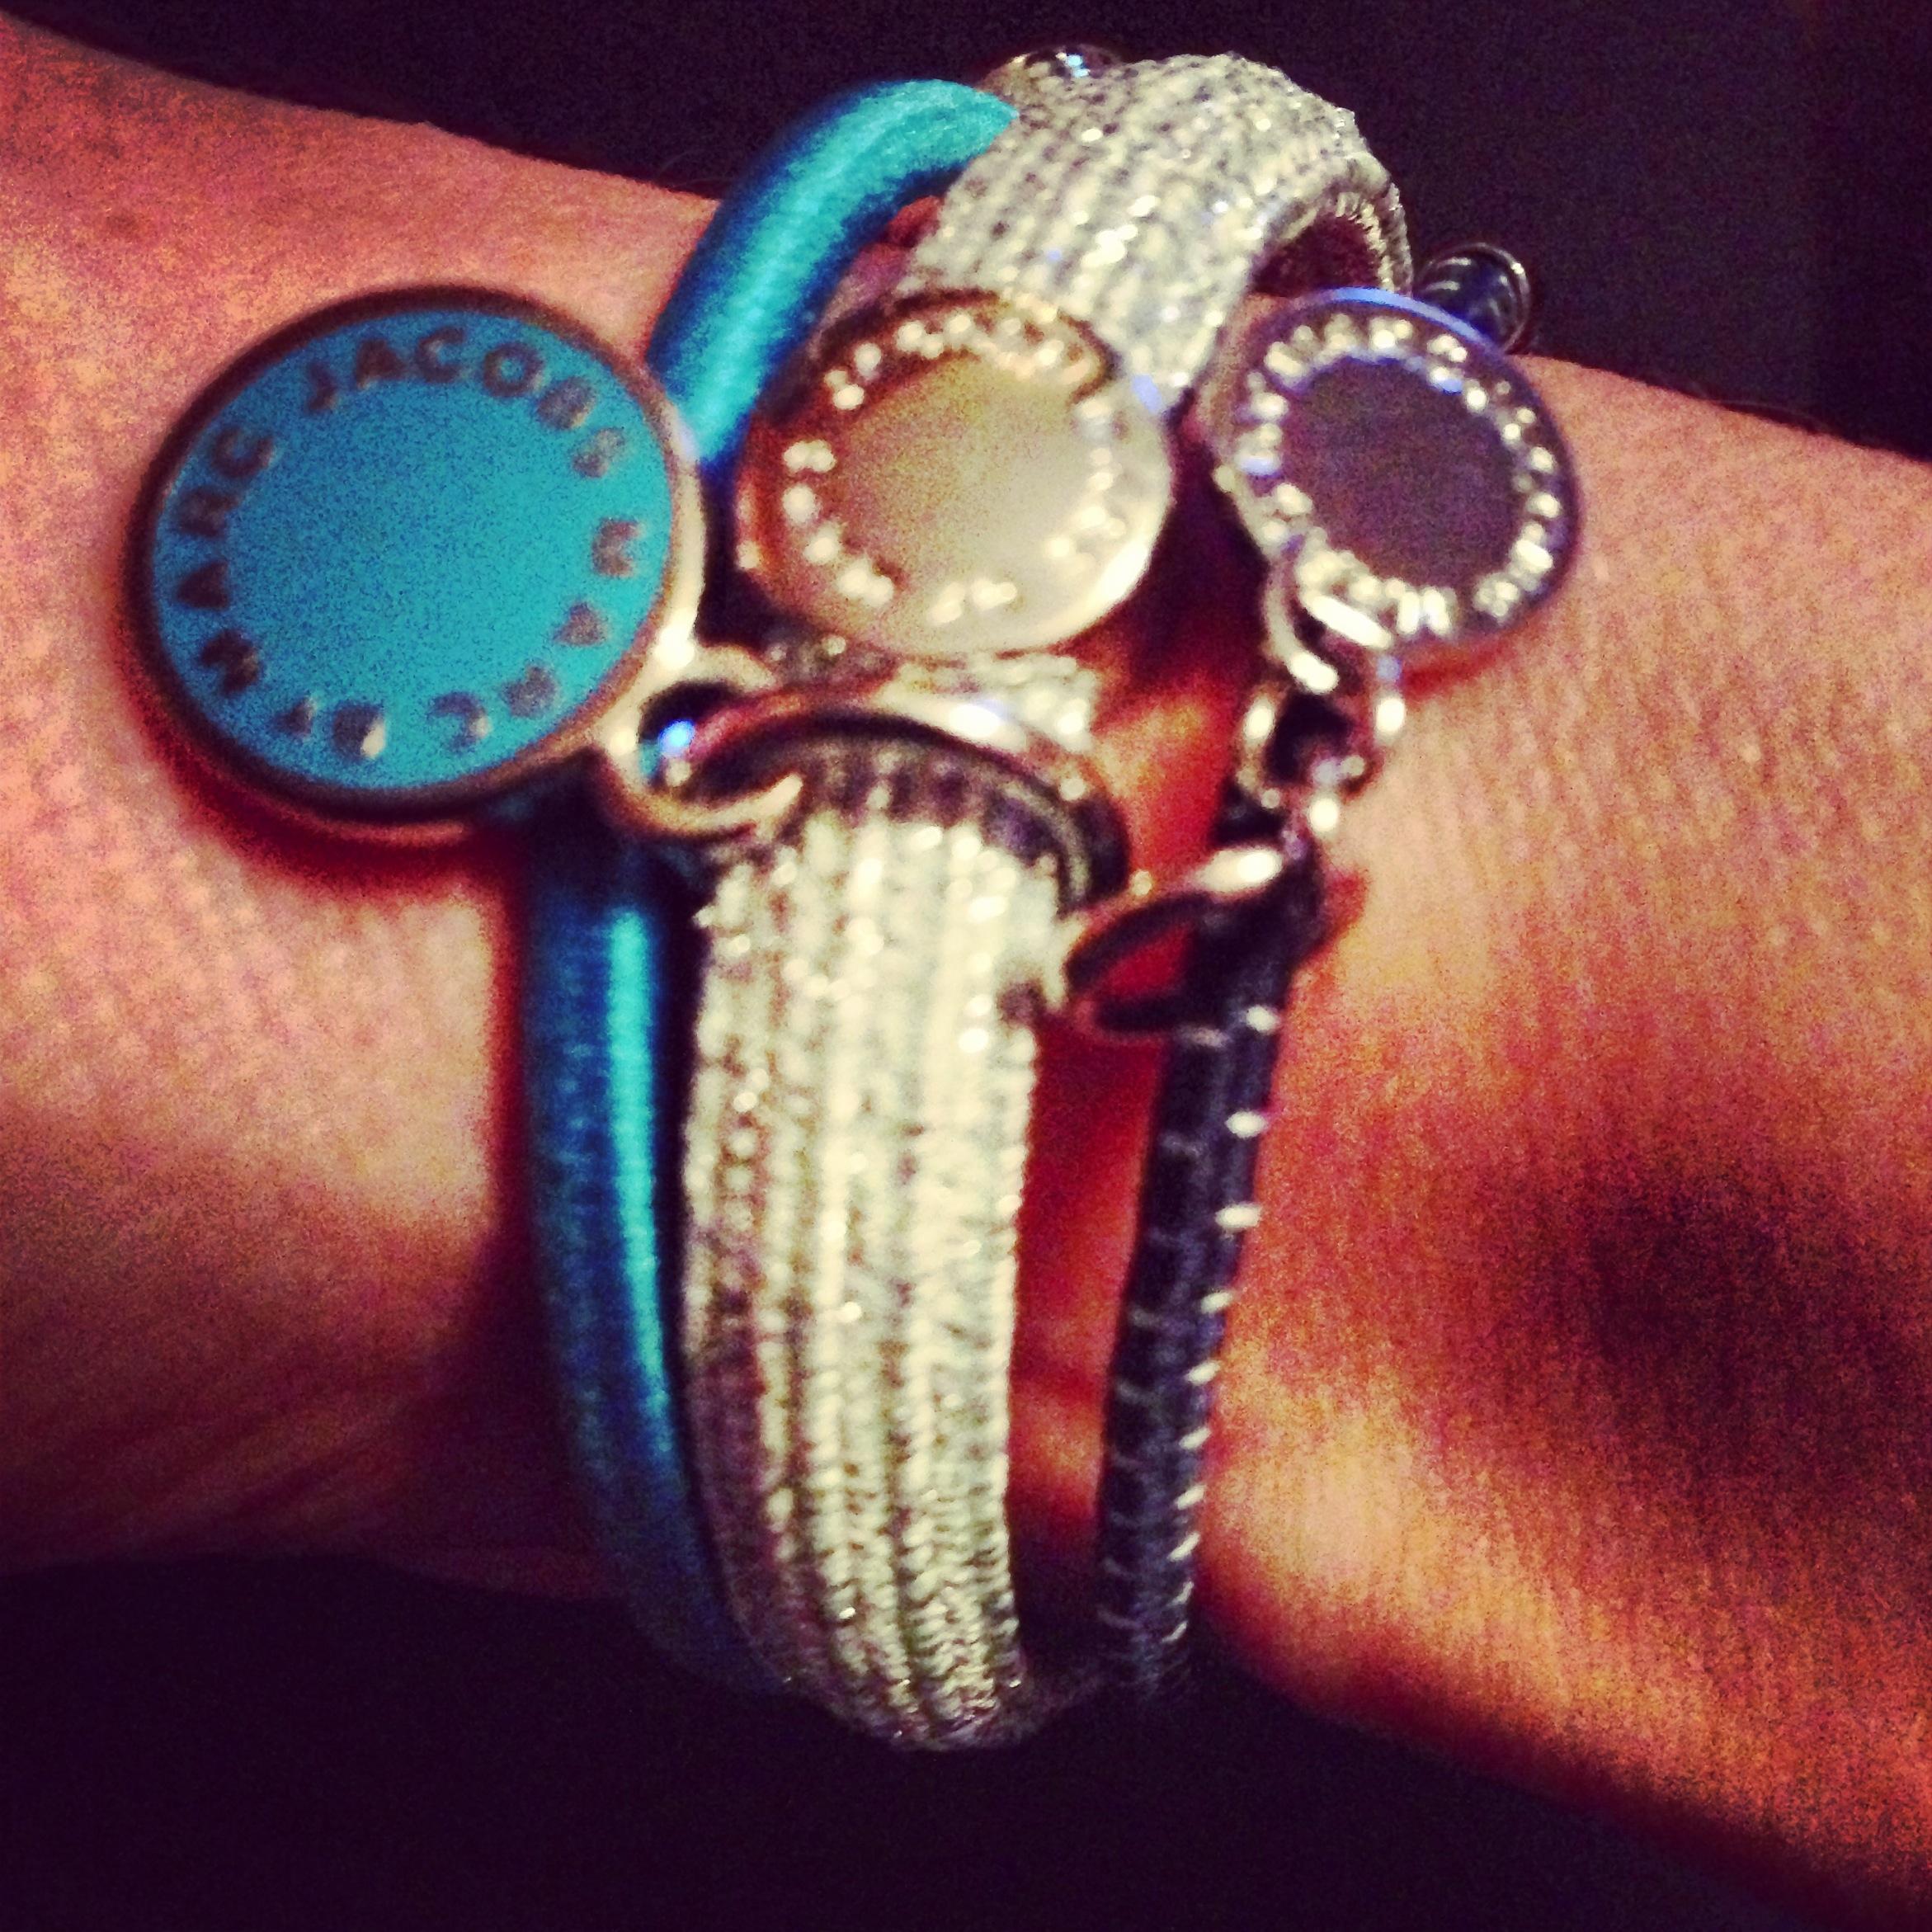 Marc Jacobs hair tie bracelets